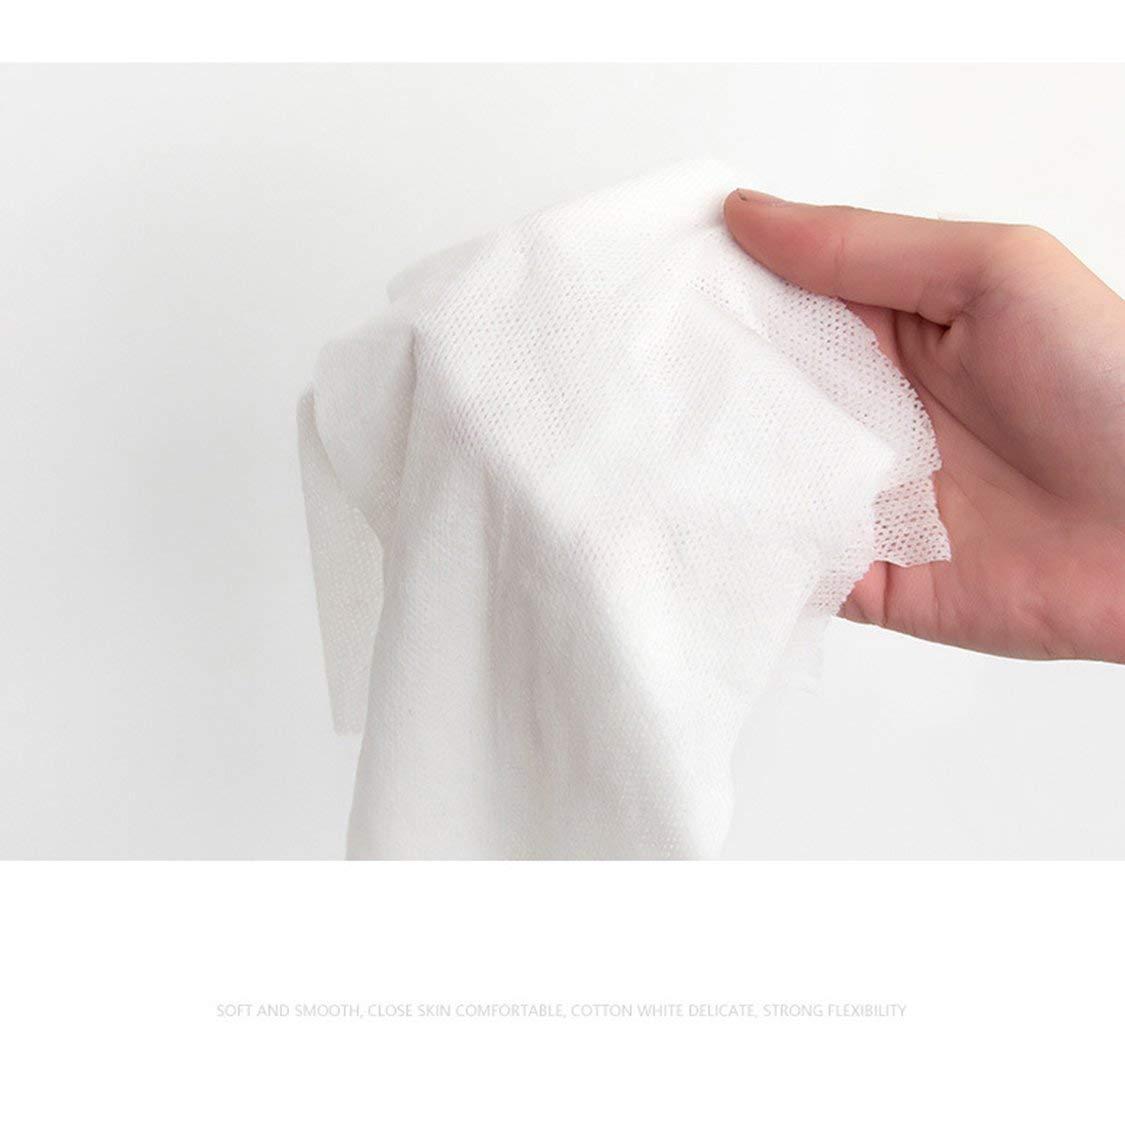 50 St/ücke Outdoor Reise Tragbare Komprimierte Gesicht Handtuch Einweg Magie Handtuch Tablet Kapseln Tuch Wischt/ücher Papier Tissue Maske-rosa